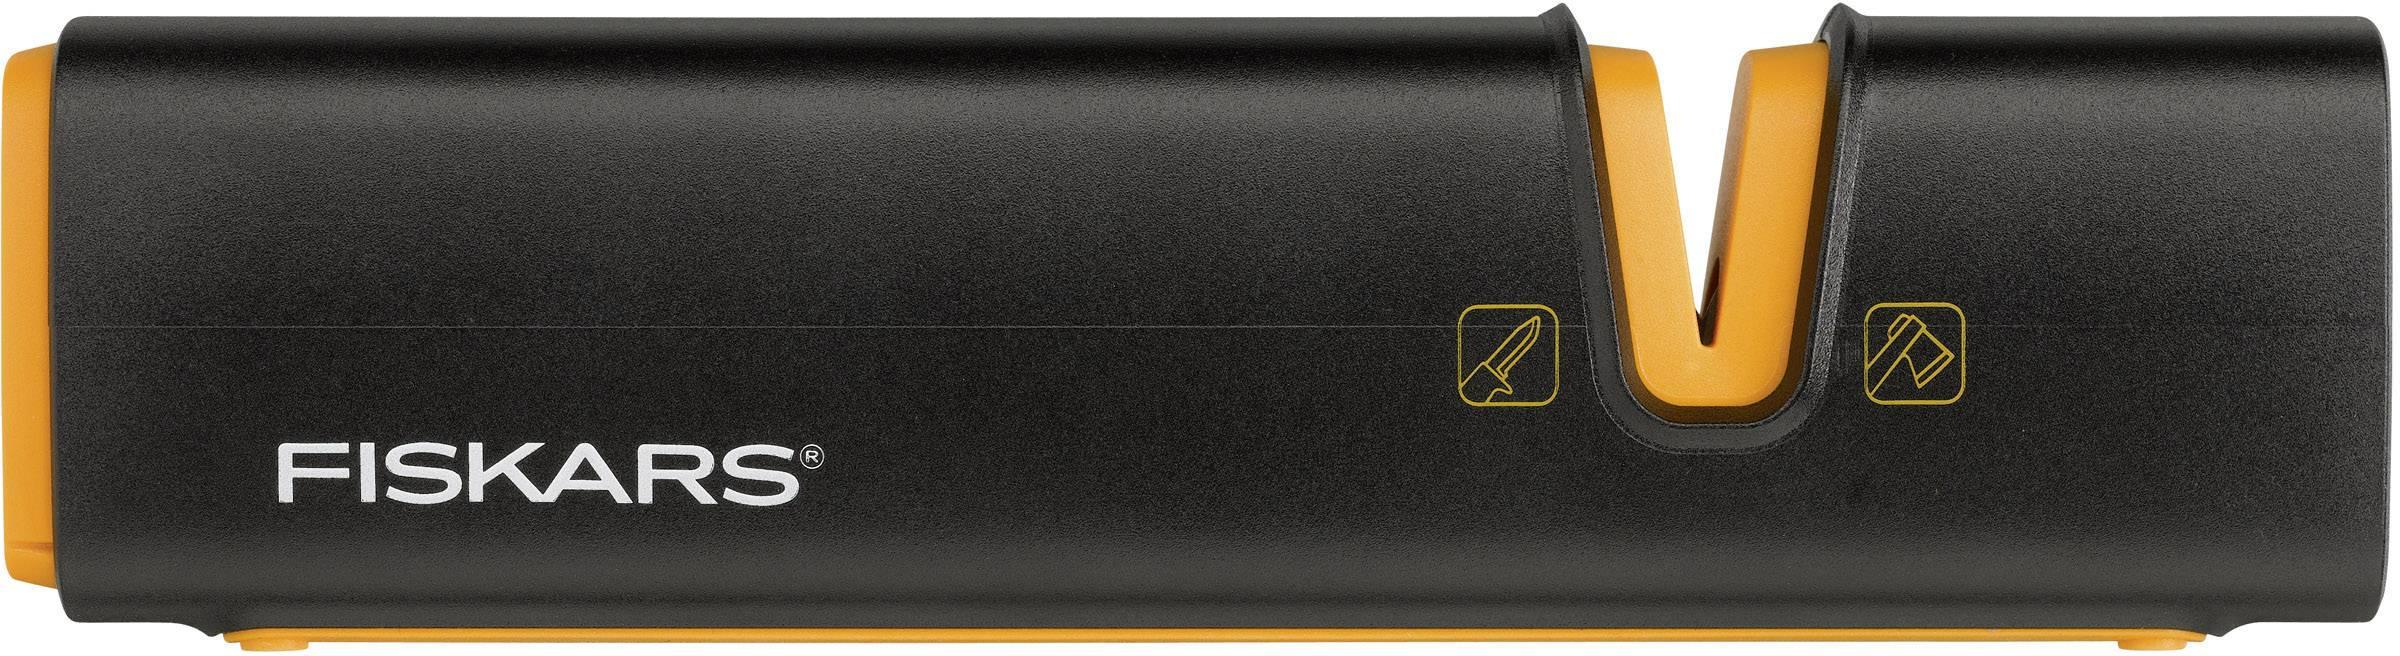 Fiskars 1015644 Spaltaxt 915 mm 2560 g kaufen